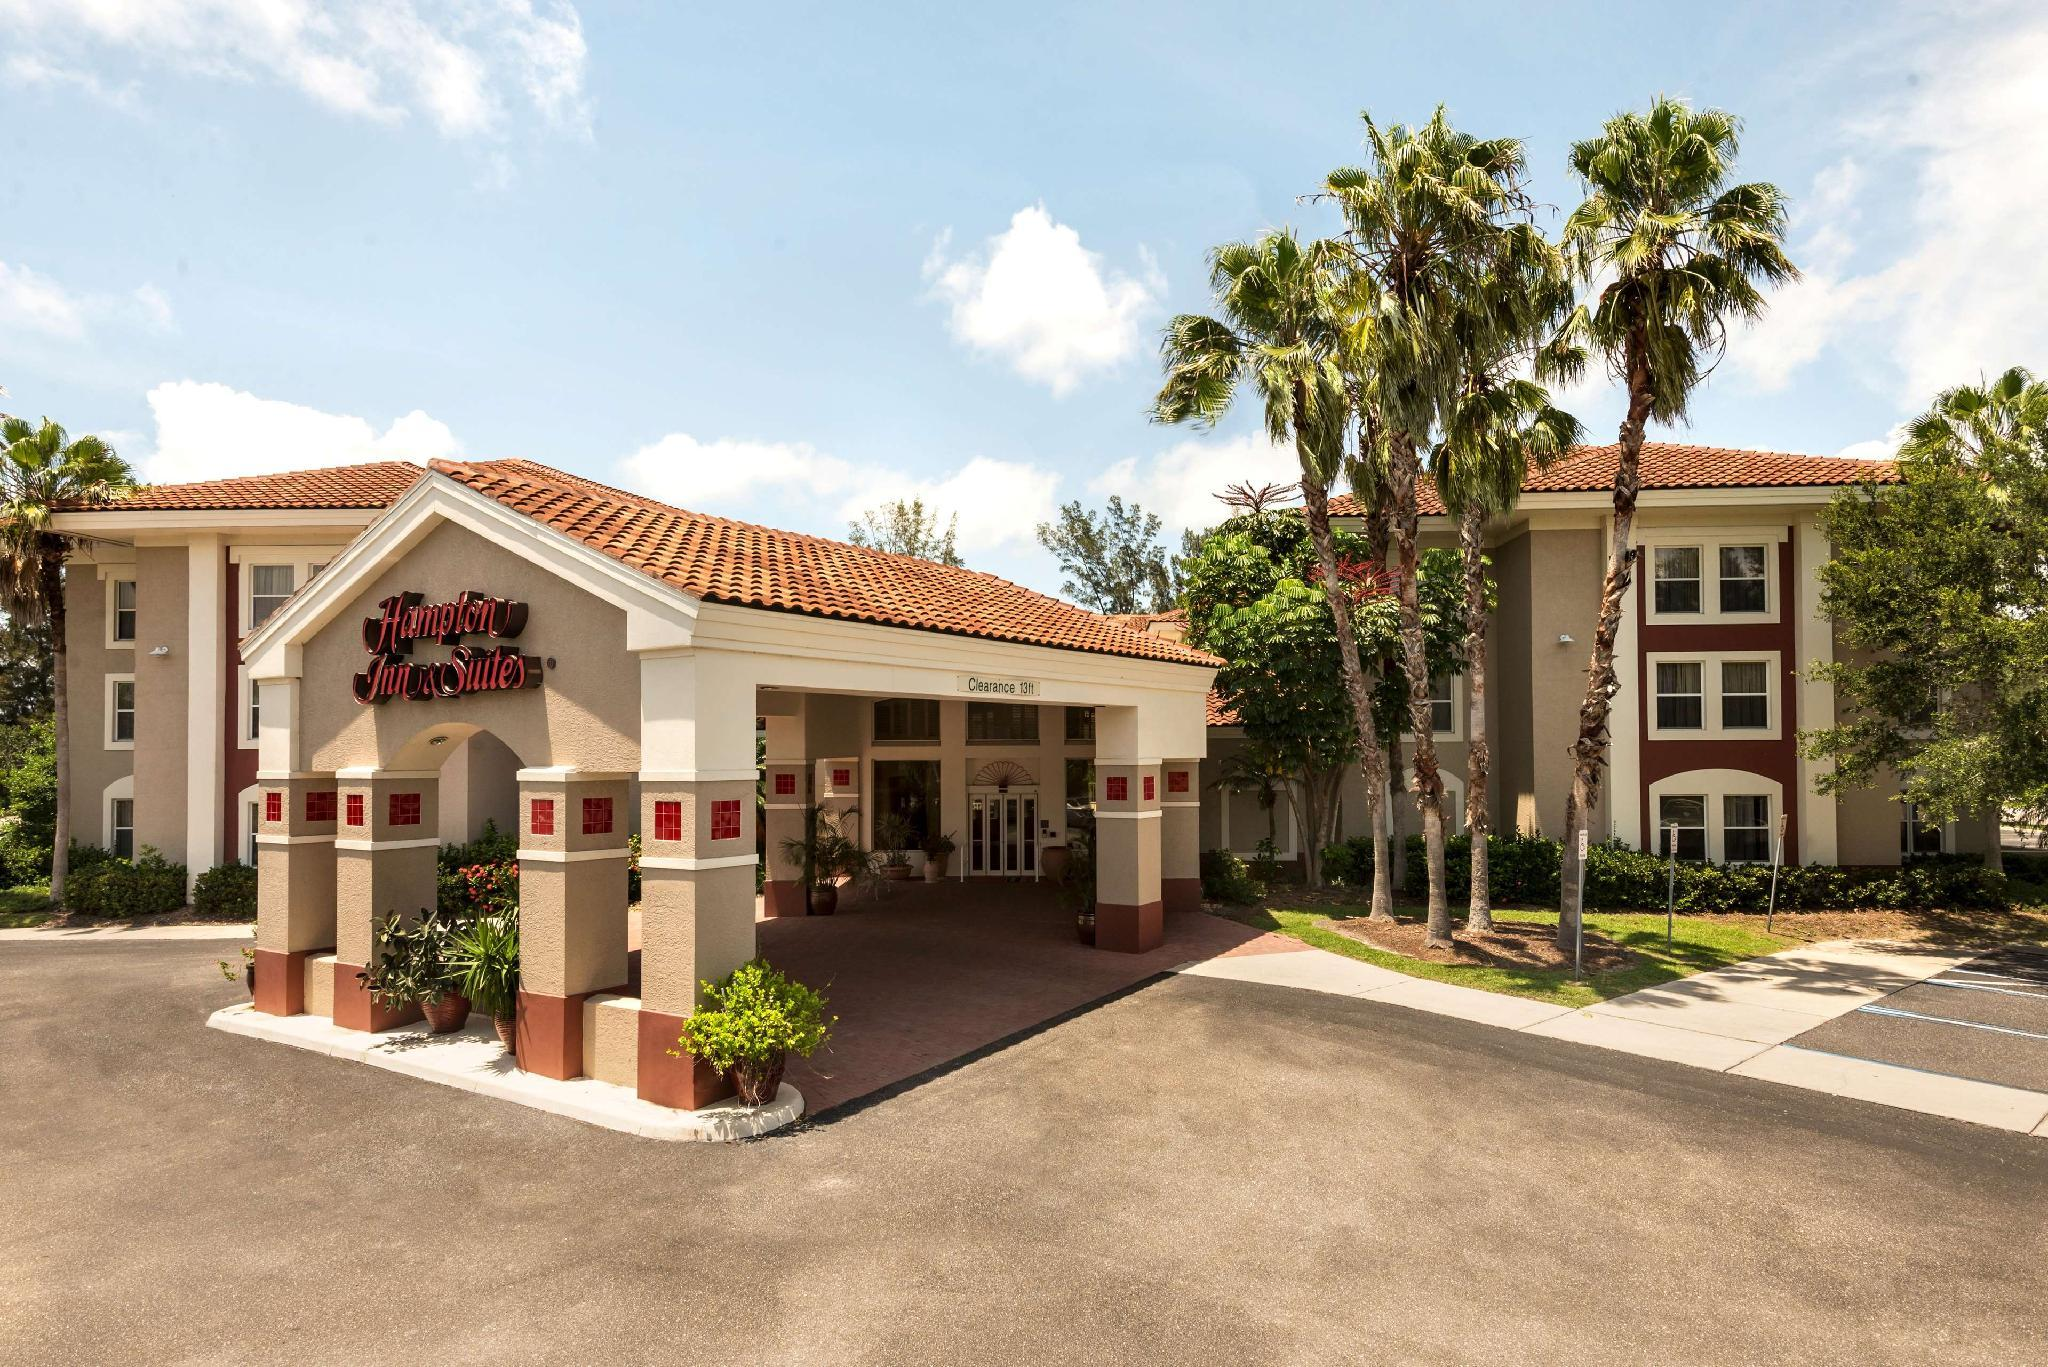 Hampton Inn and Suites Venice South Sarasota